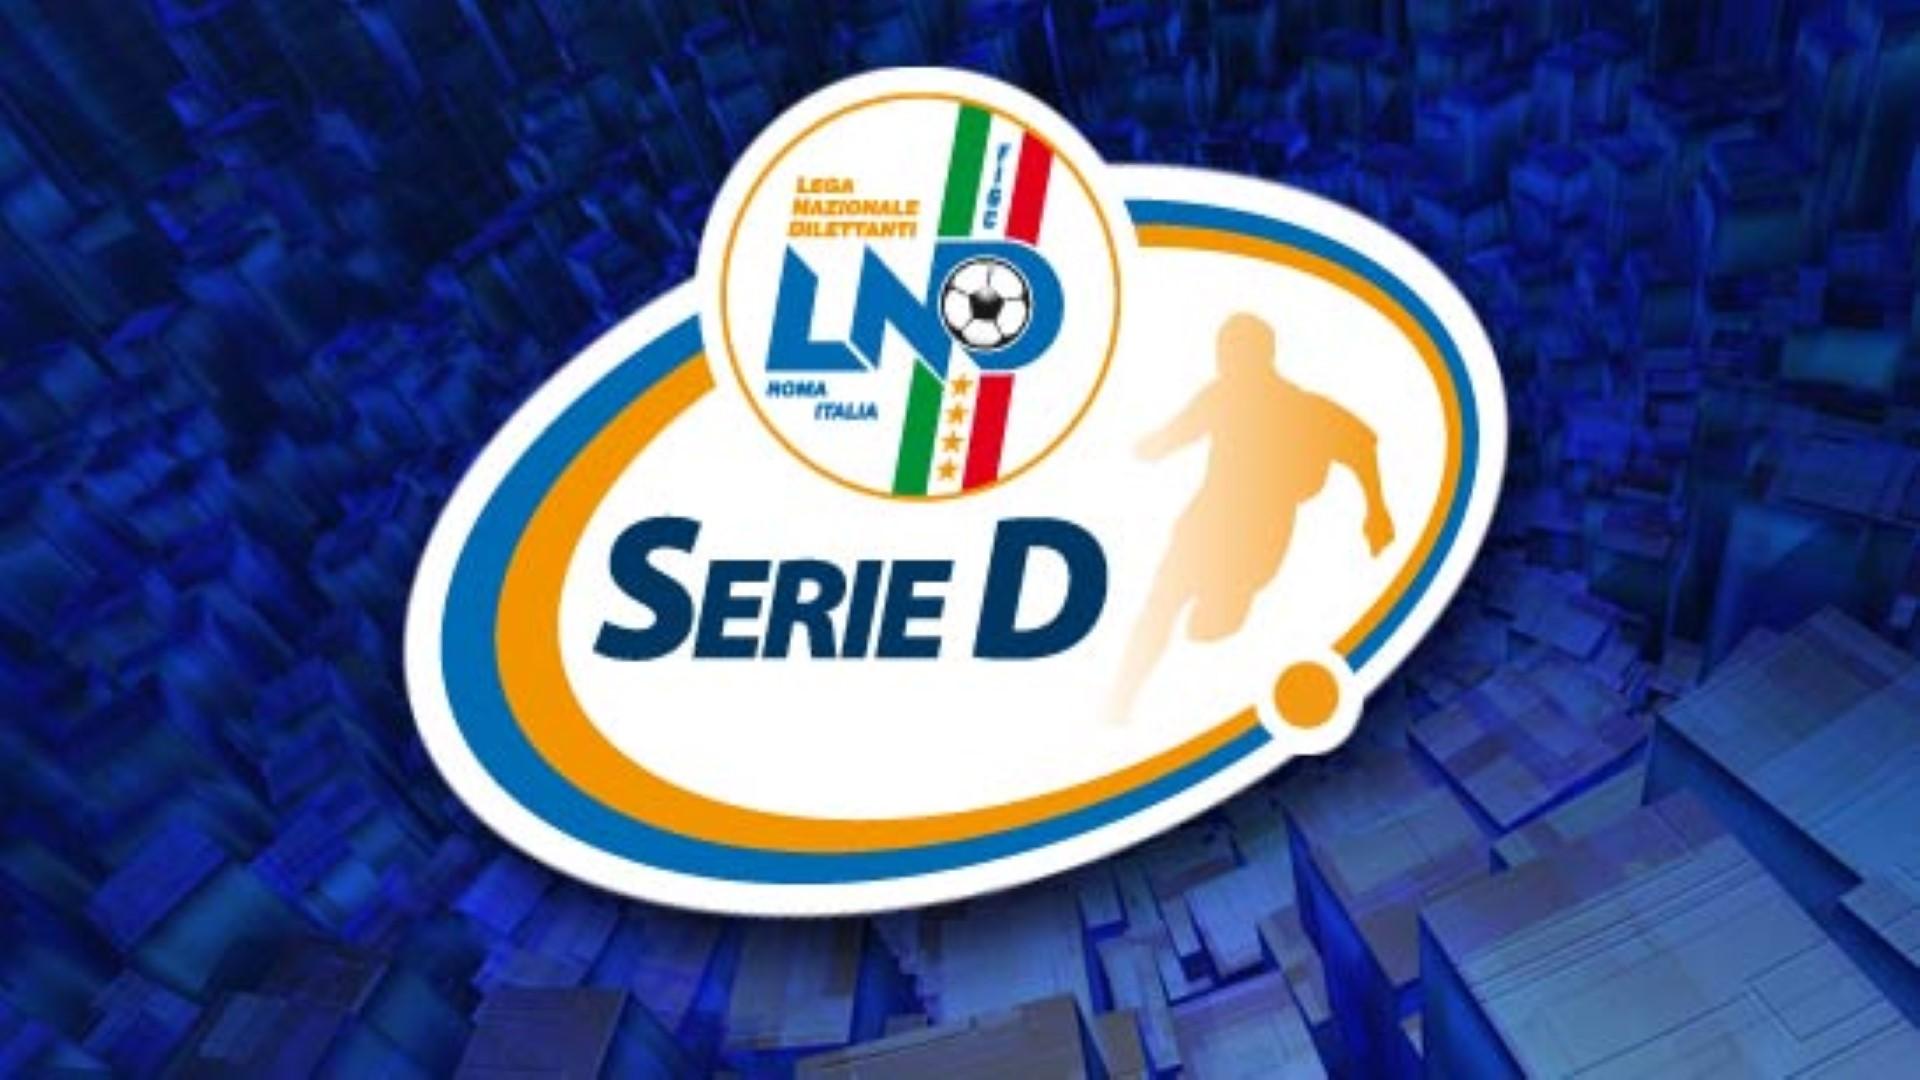 Serie D Streaming Repubblica